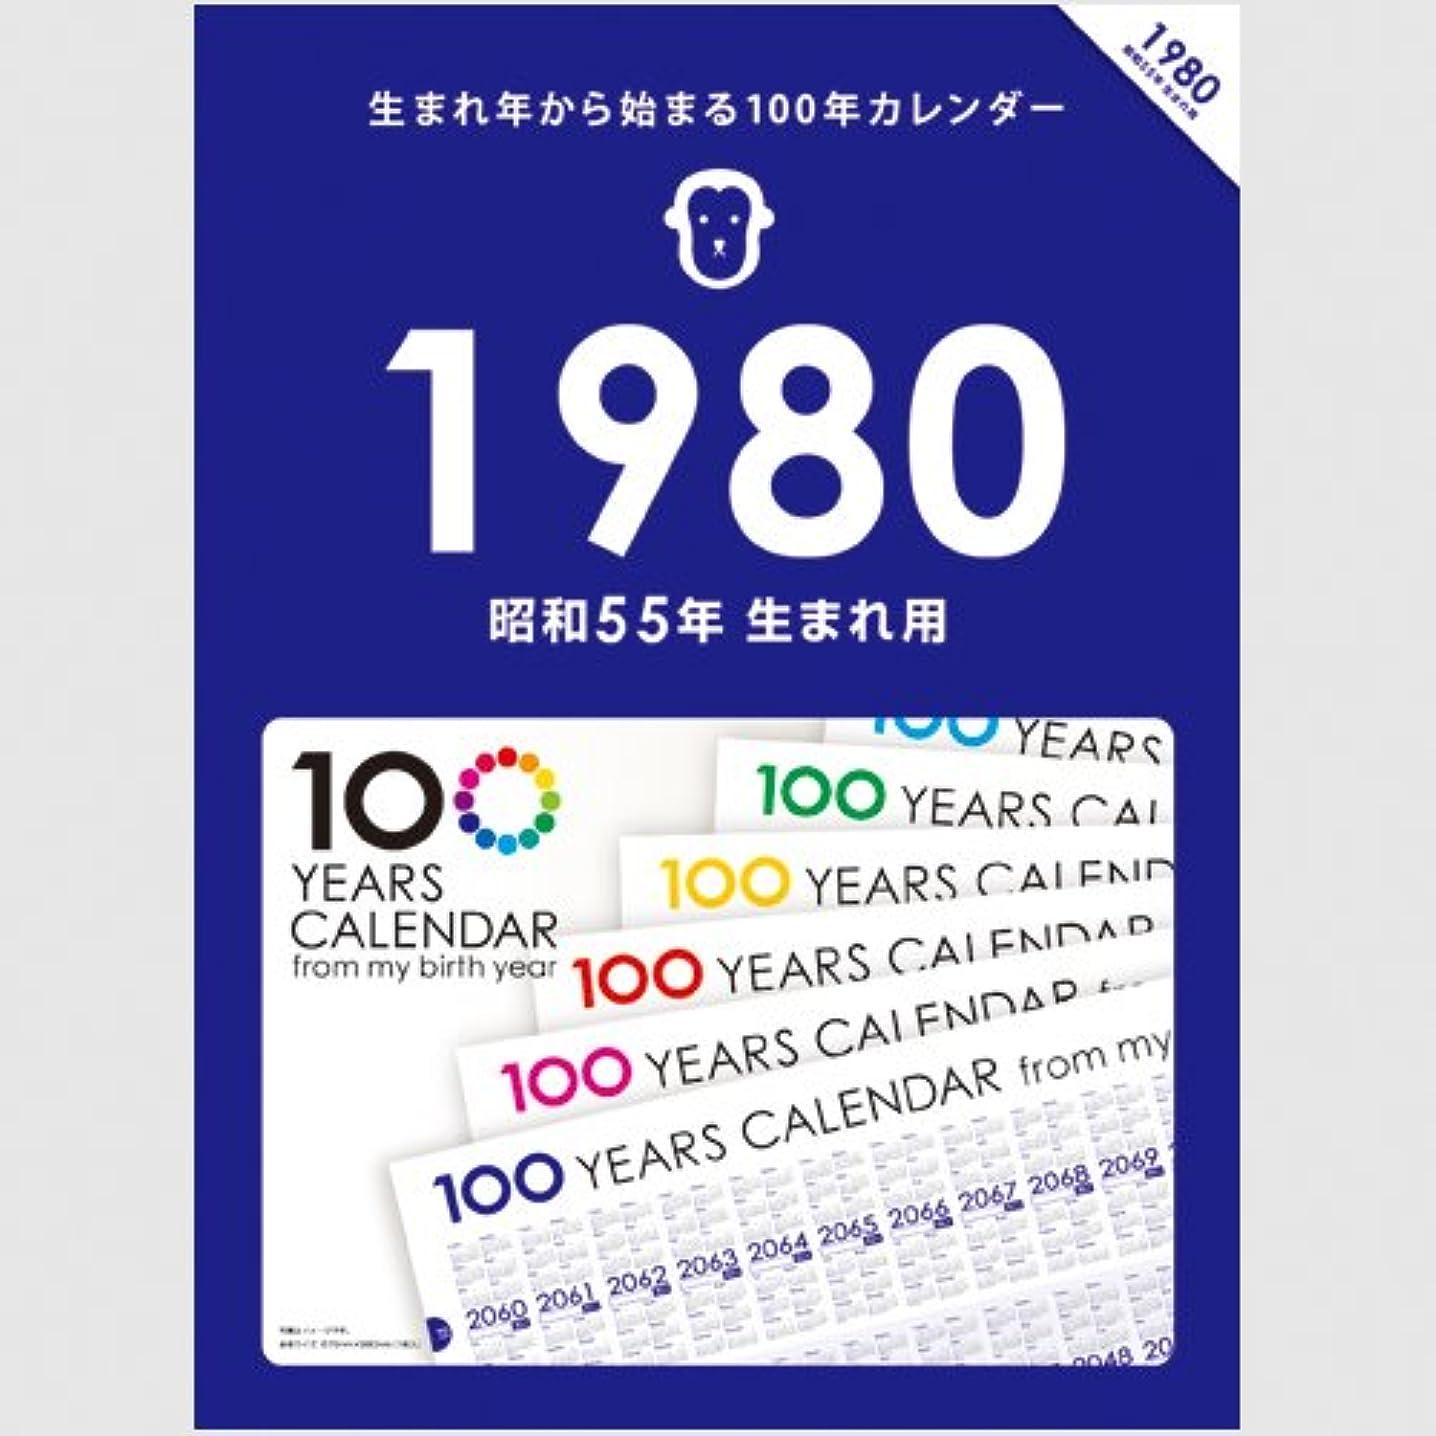 切断する含意目指す生まれ年から始まる100年カレンダーシリーズ 1980年生まれ用(昭和55年生まれ用)